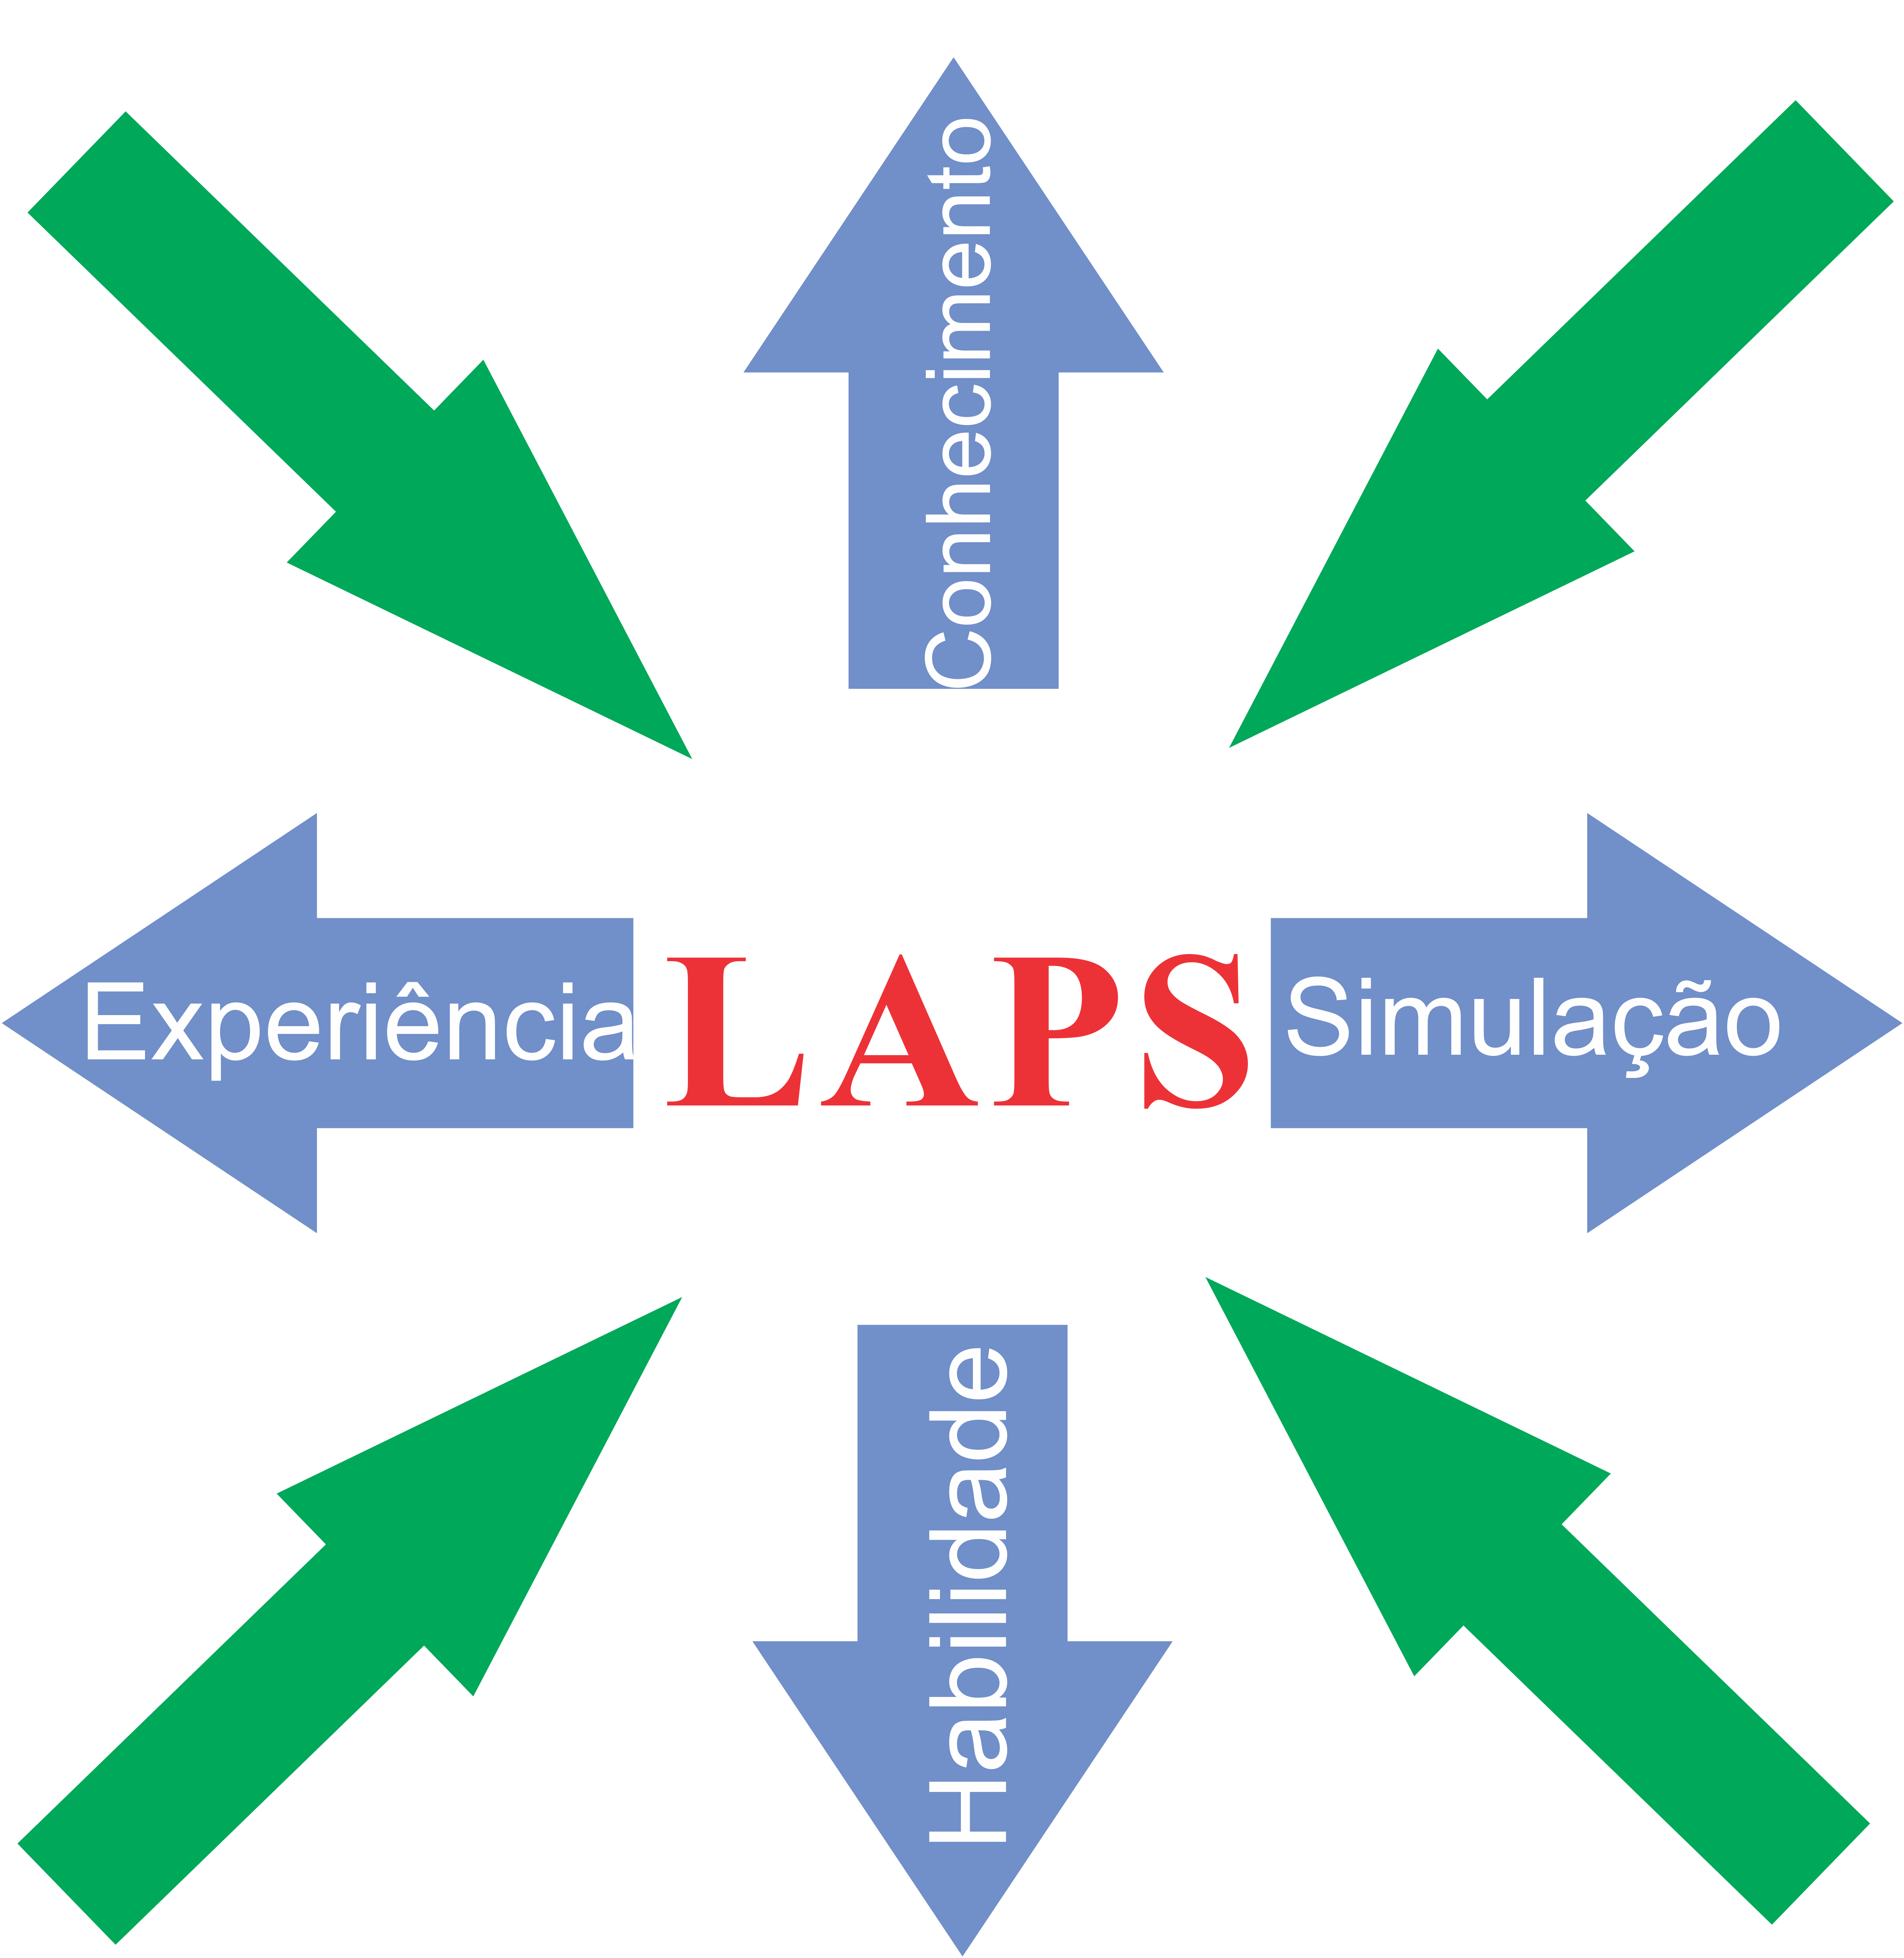 Laboratório de Práticas Simuladas